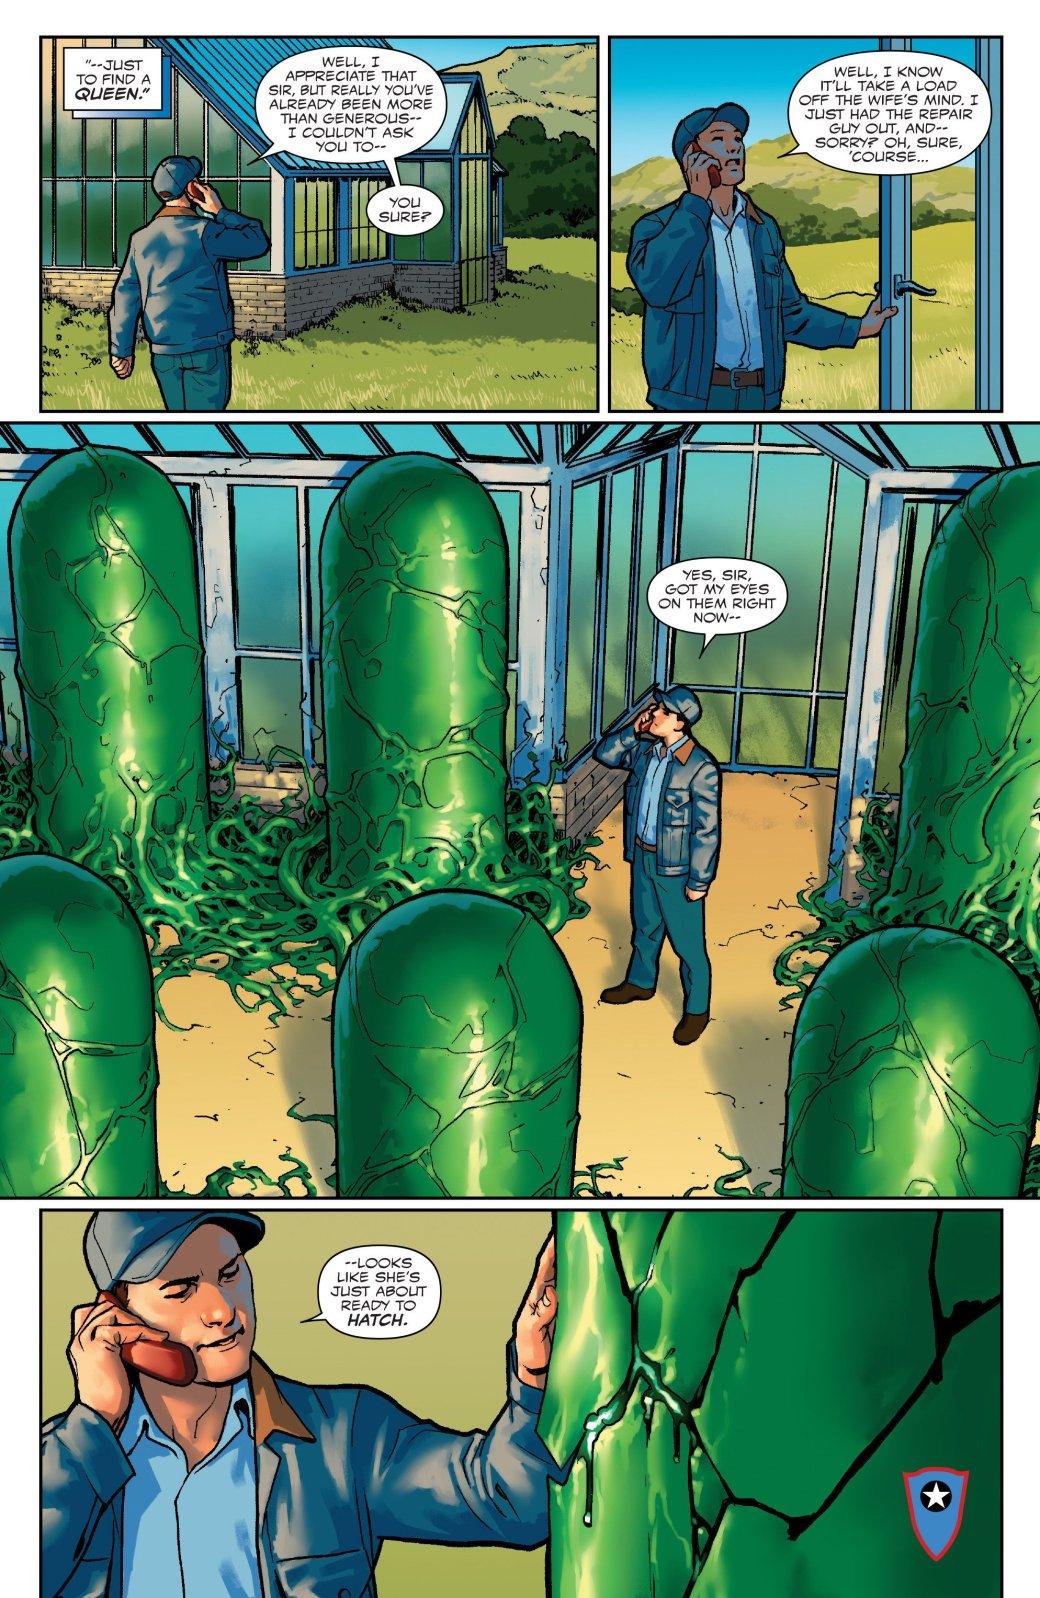 Как изменился Капитан Америка, став агентом Гидры? - Изображение 13